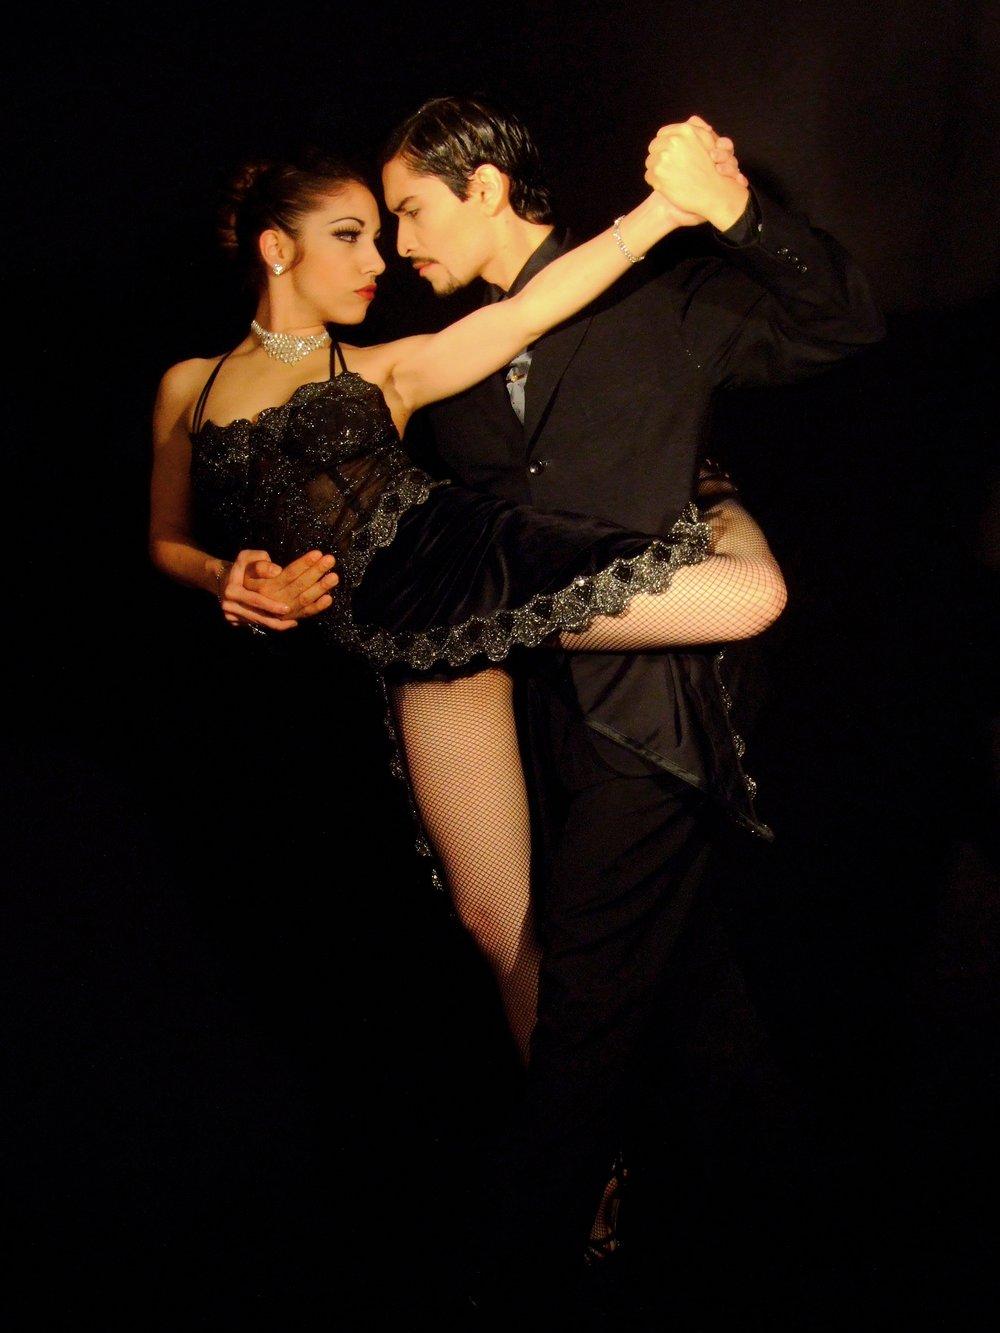 Tango_dance_02.jpg